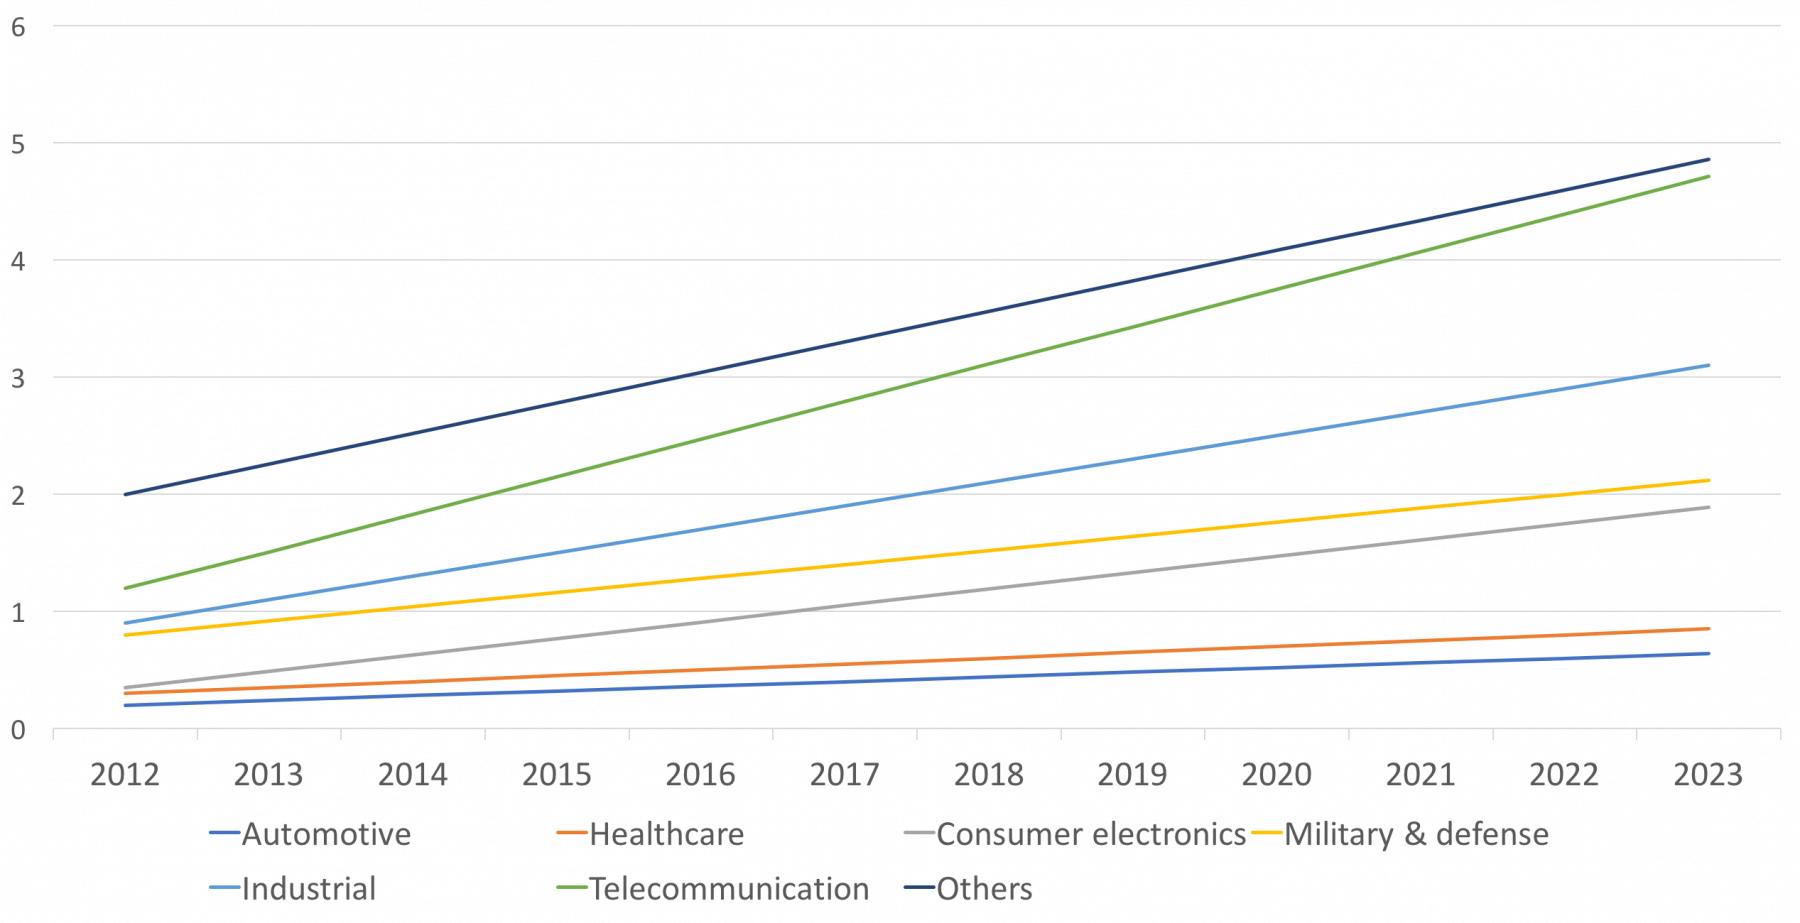 embedded software market forecast till 2023